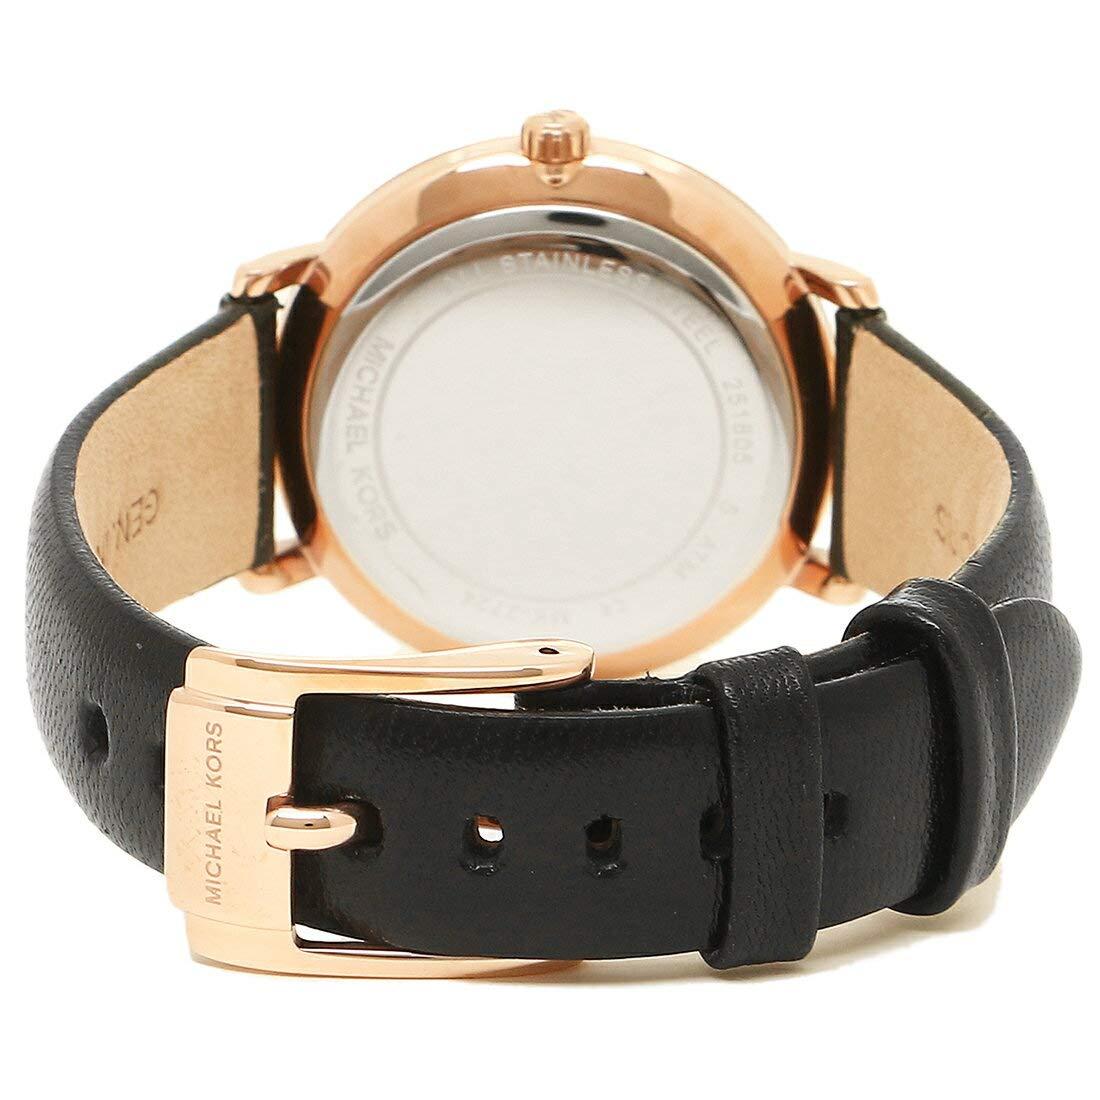 5534019543eb Amazon | [マイケルコース]腕時計 ペアウォッチ レディース メンズ MICHAEL KORS MK3859 ブラック ローズゴールド ホワイト  [並行輸入品] | ジュエリー 通販